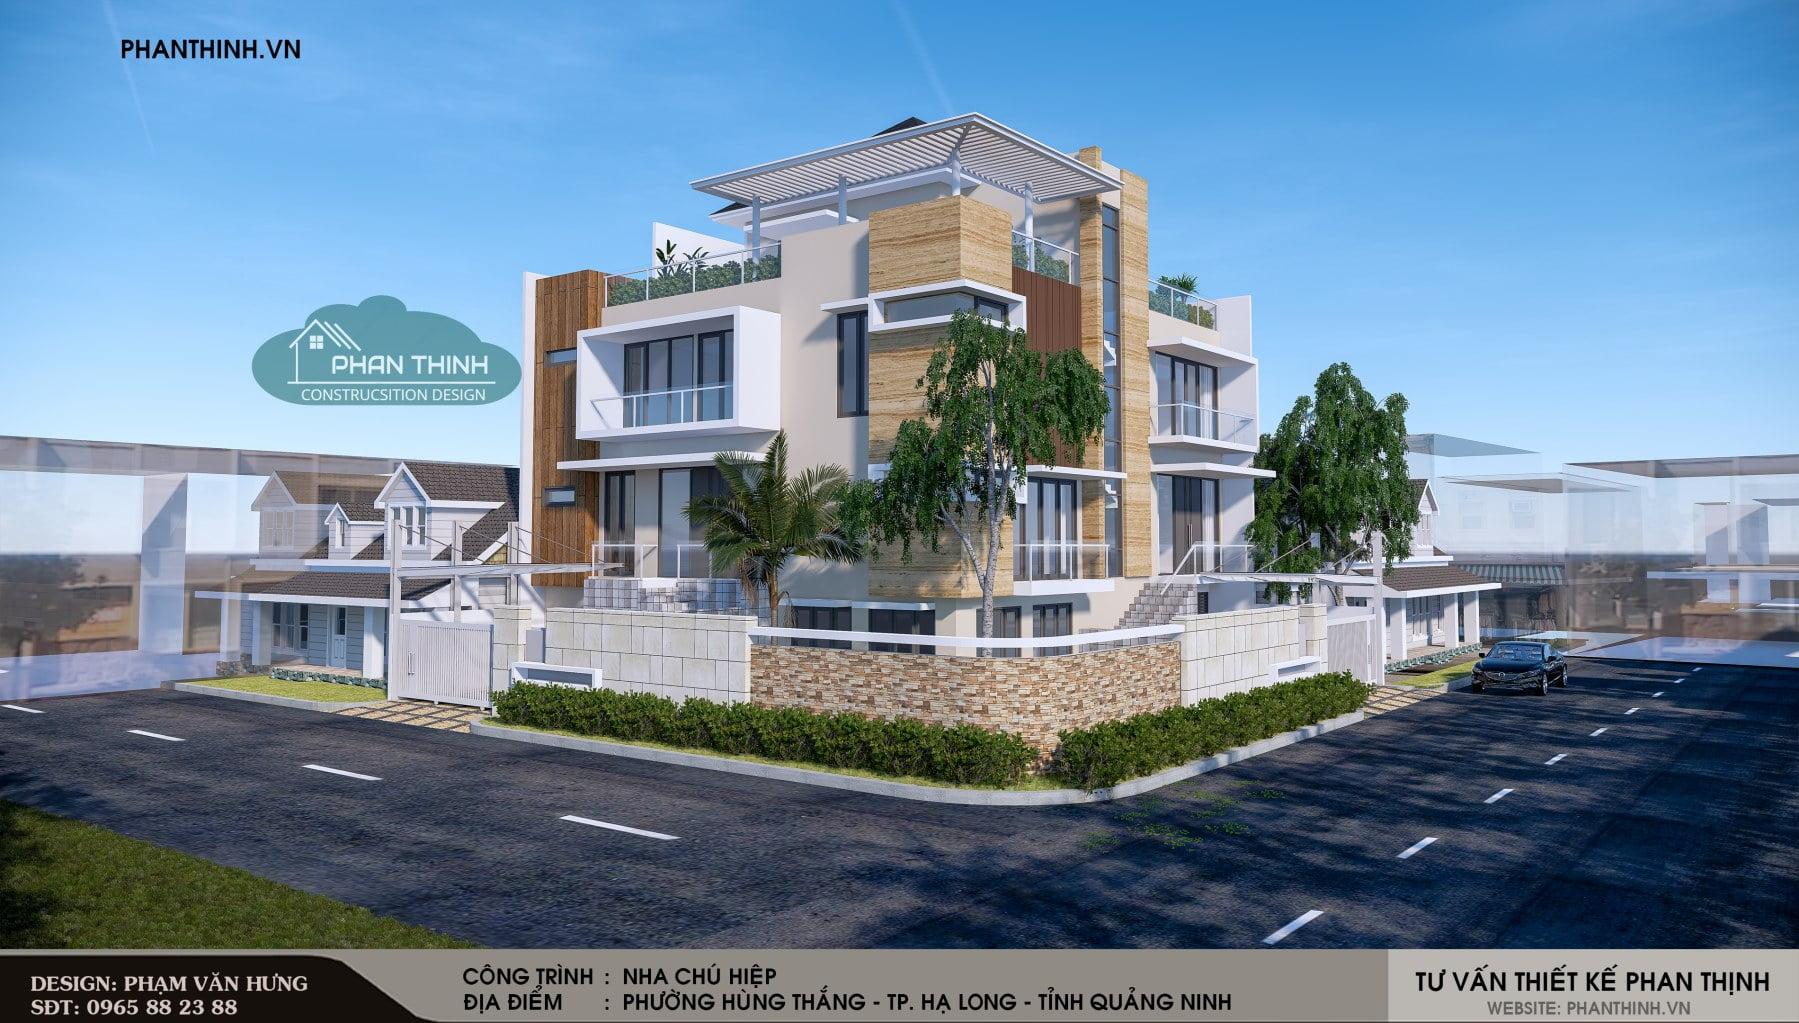 Phối cảnh thiết kế nhà tại Hạ Long Quảng Ninh